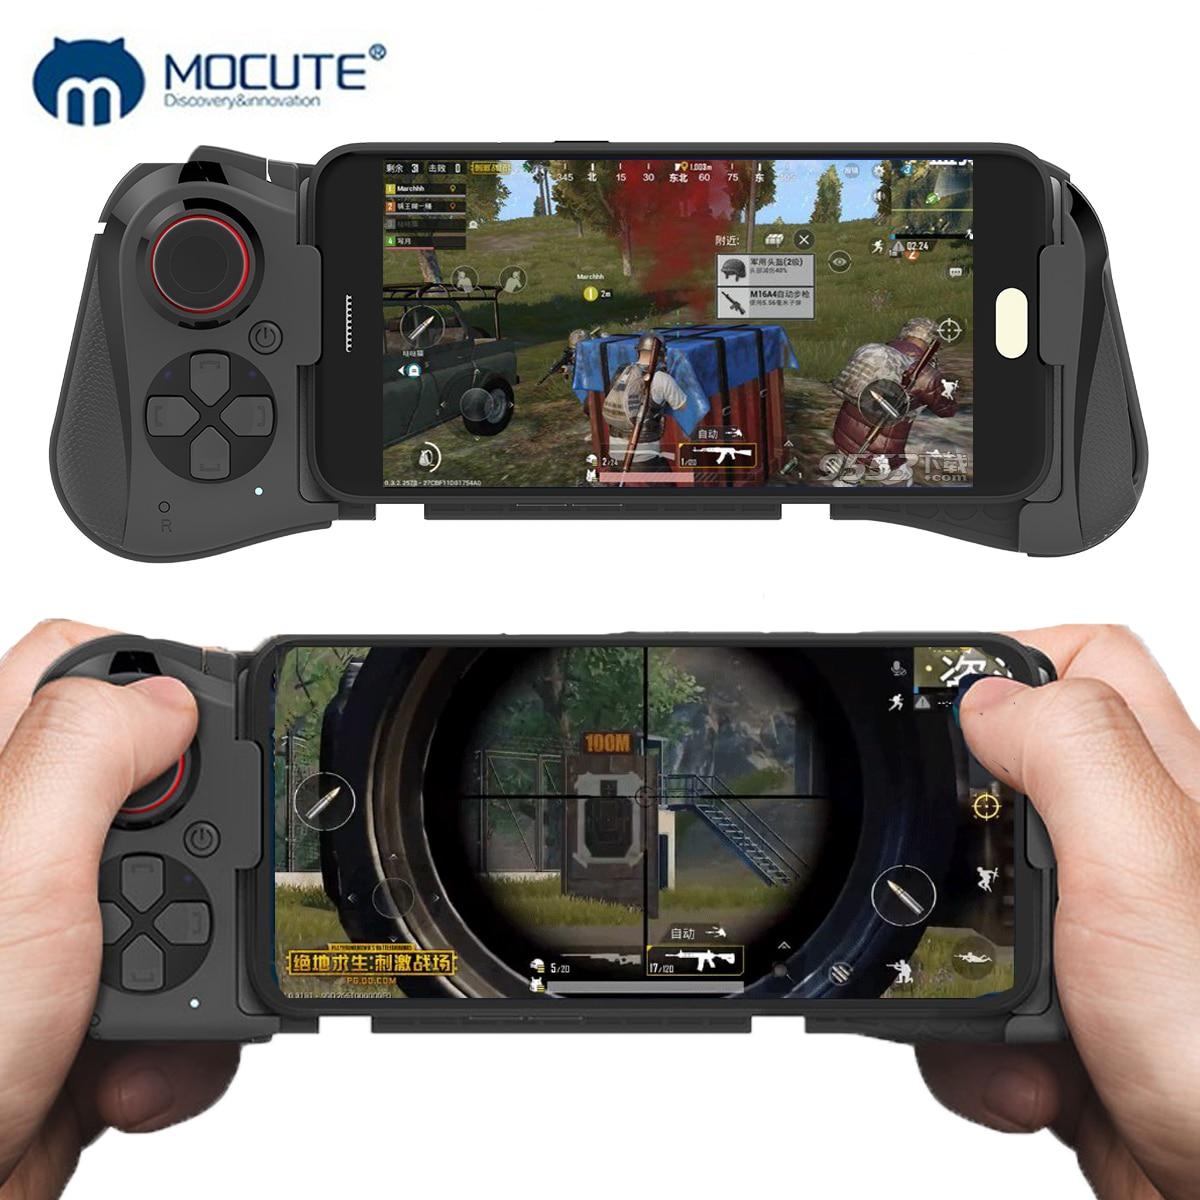 Pubg Mobile On Vr - Pubg 1 Free Key